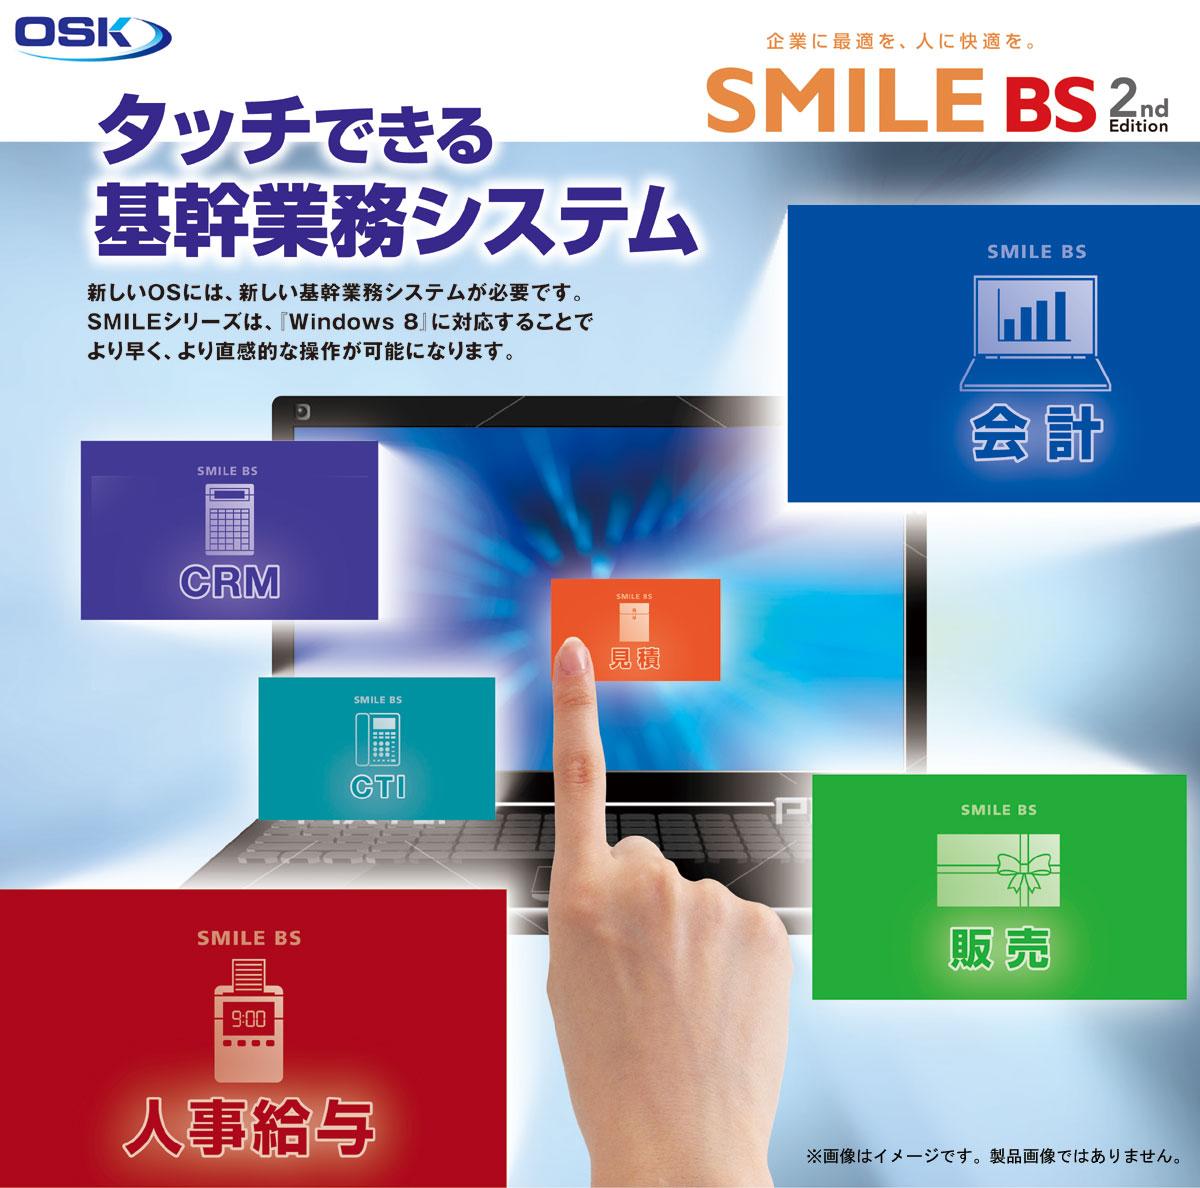 OSK ≪統合業務パッケージSMILEシリーズが新たなステージへ!≫ ~ 33年のノウハウと最新OSの融合で、新たなビジネススタイルを ~